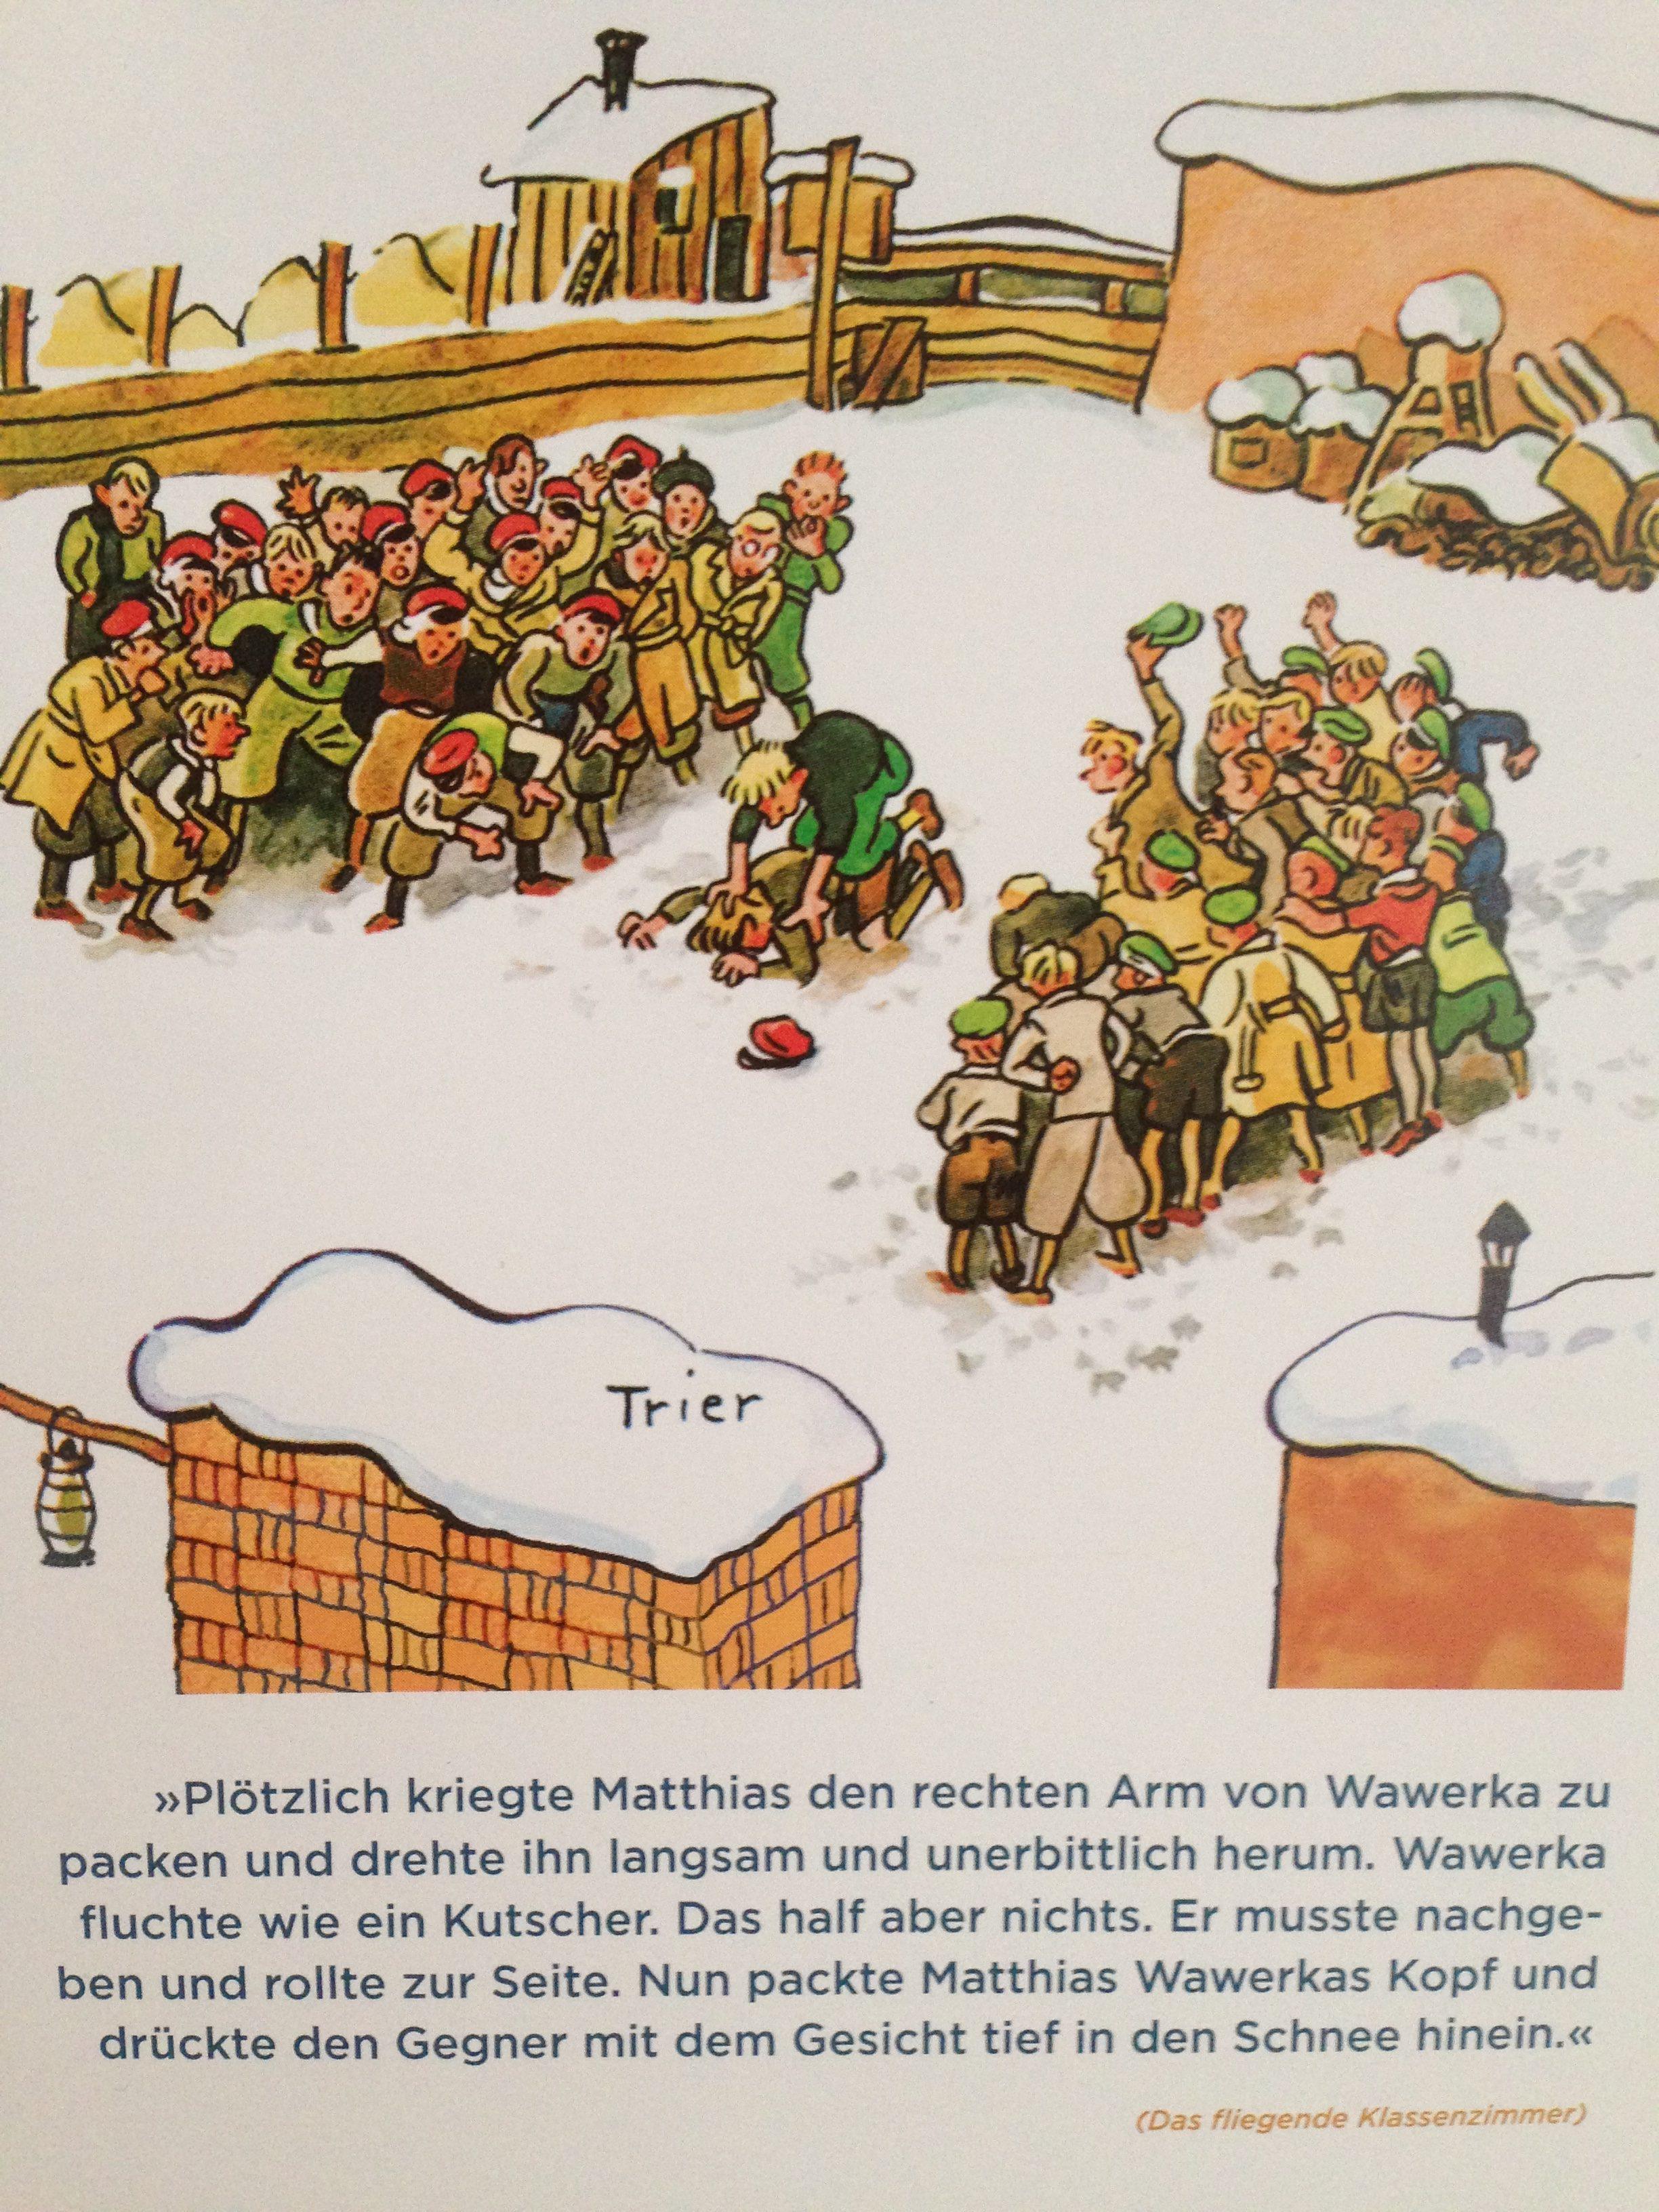 Erich Kästner Buben raufen Das fliegende Klassenzimmer